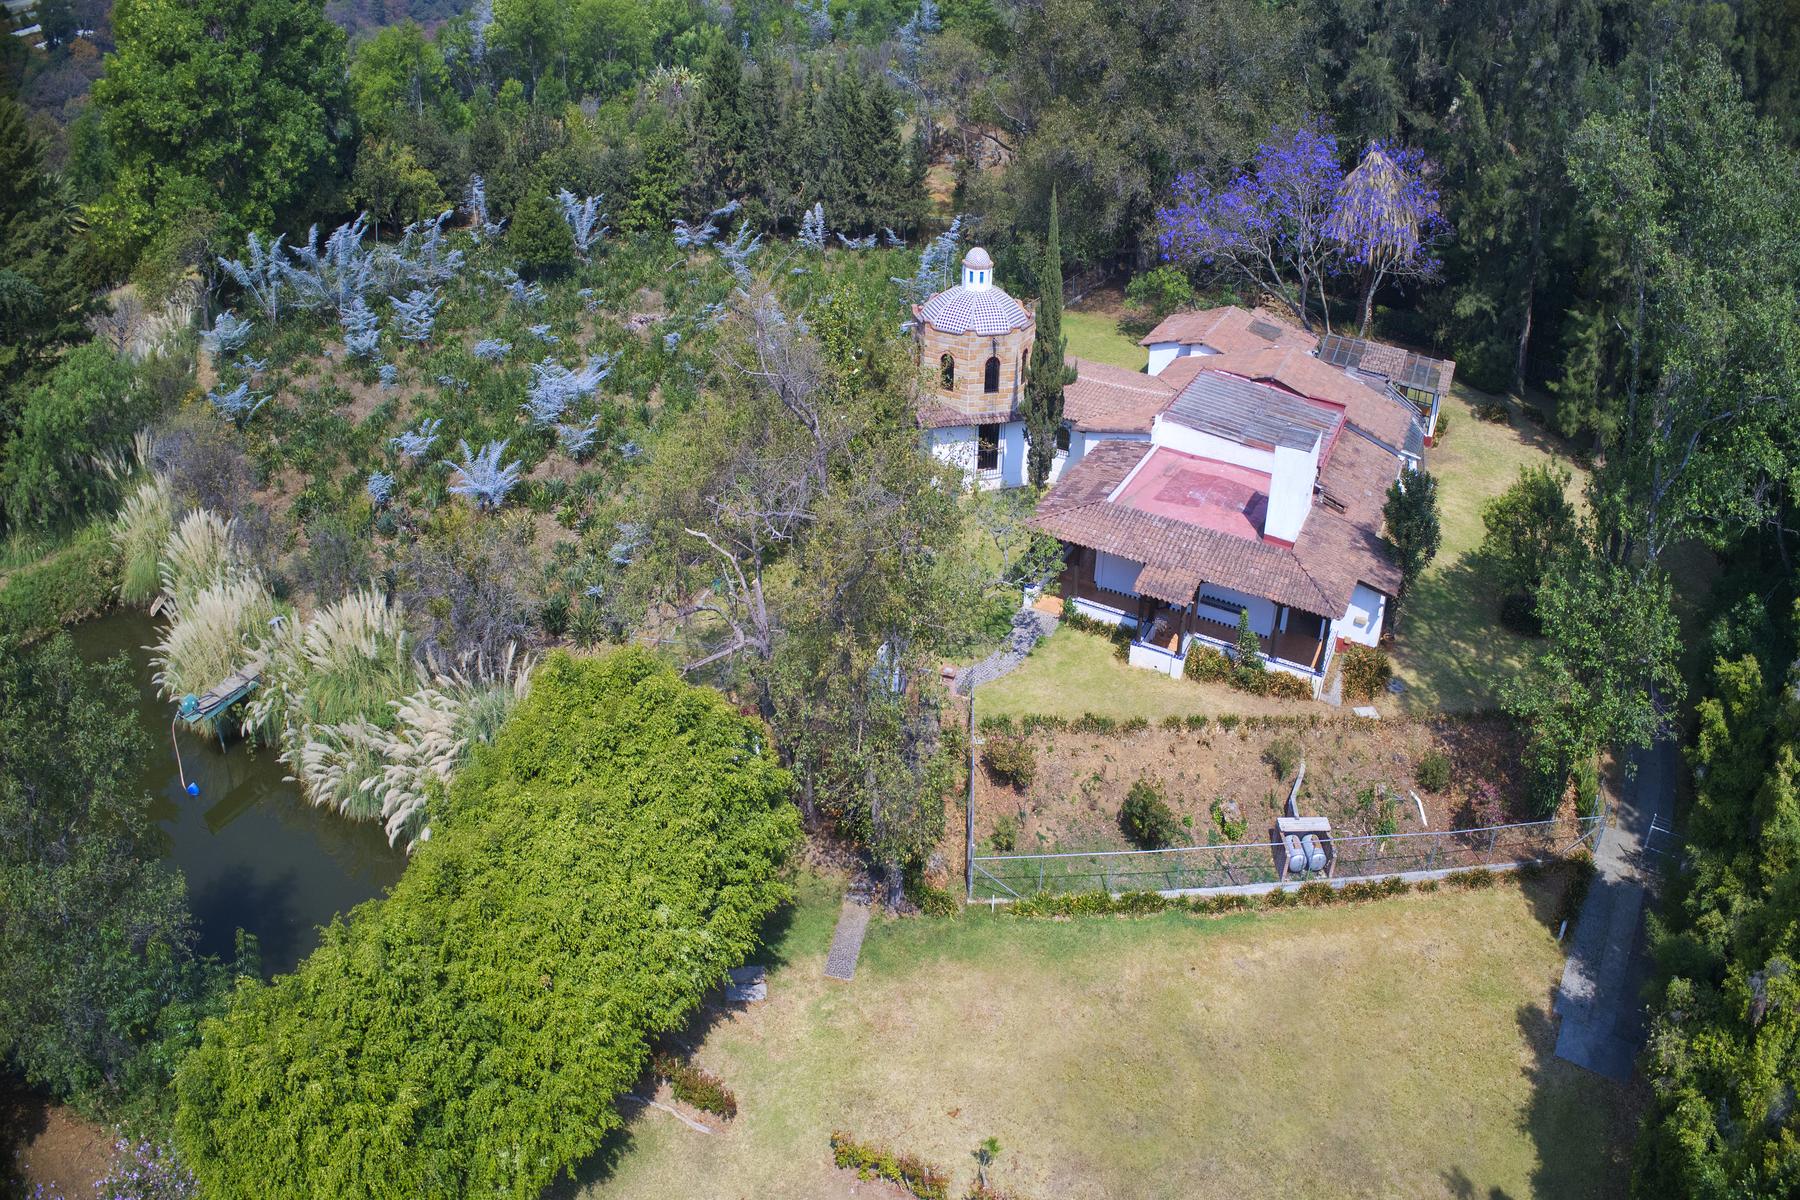 农场 / 牧场 / 种植园 为 销售 在 Hacienda El Rincon Ixtapan De La Sal, 墨西哥的城市 51783 墨西哥